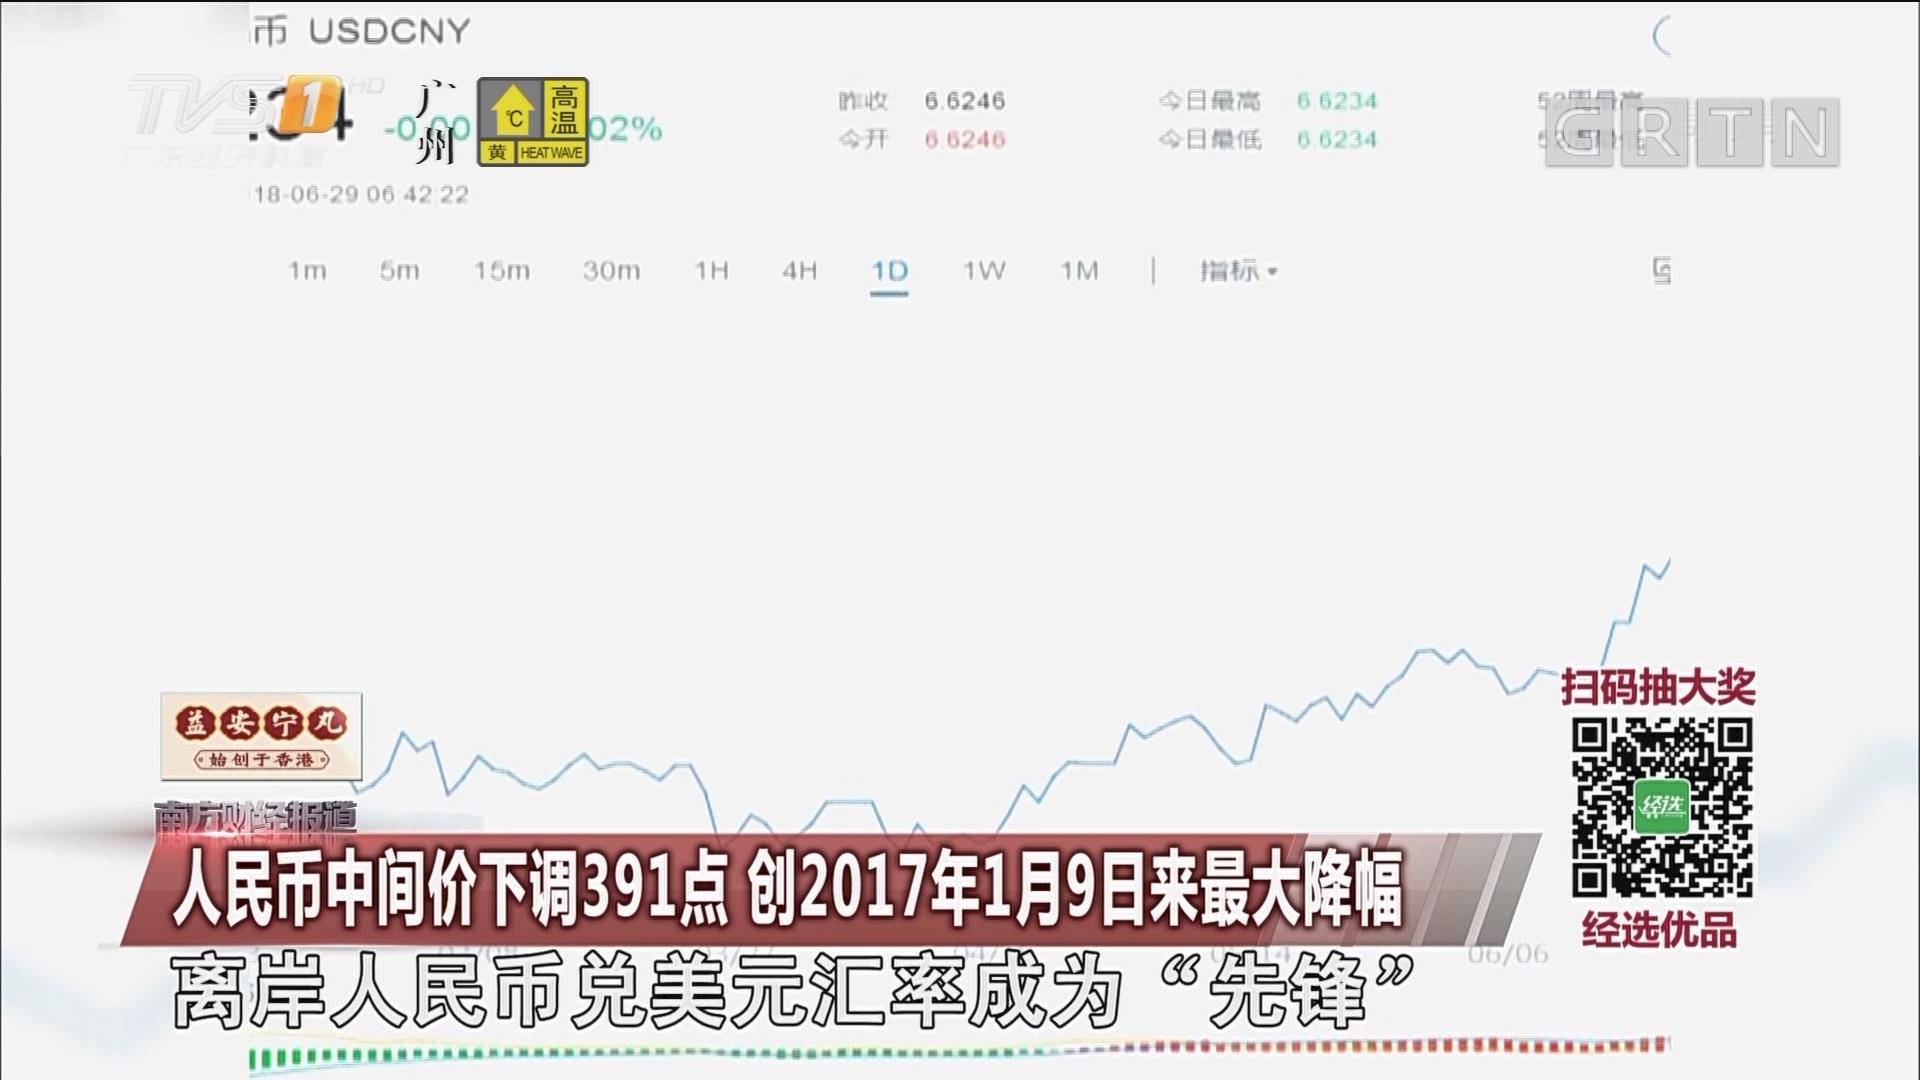 人民币中间价下调391点 创2017年1月9日来最大降幅